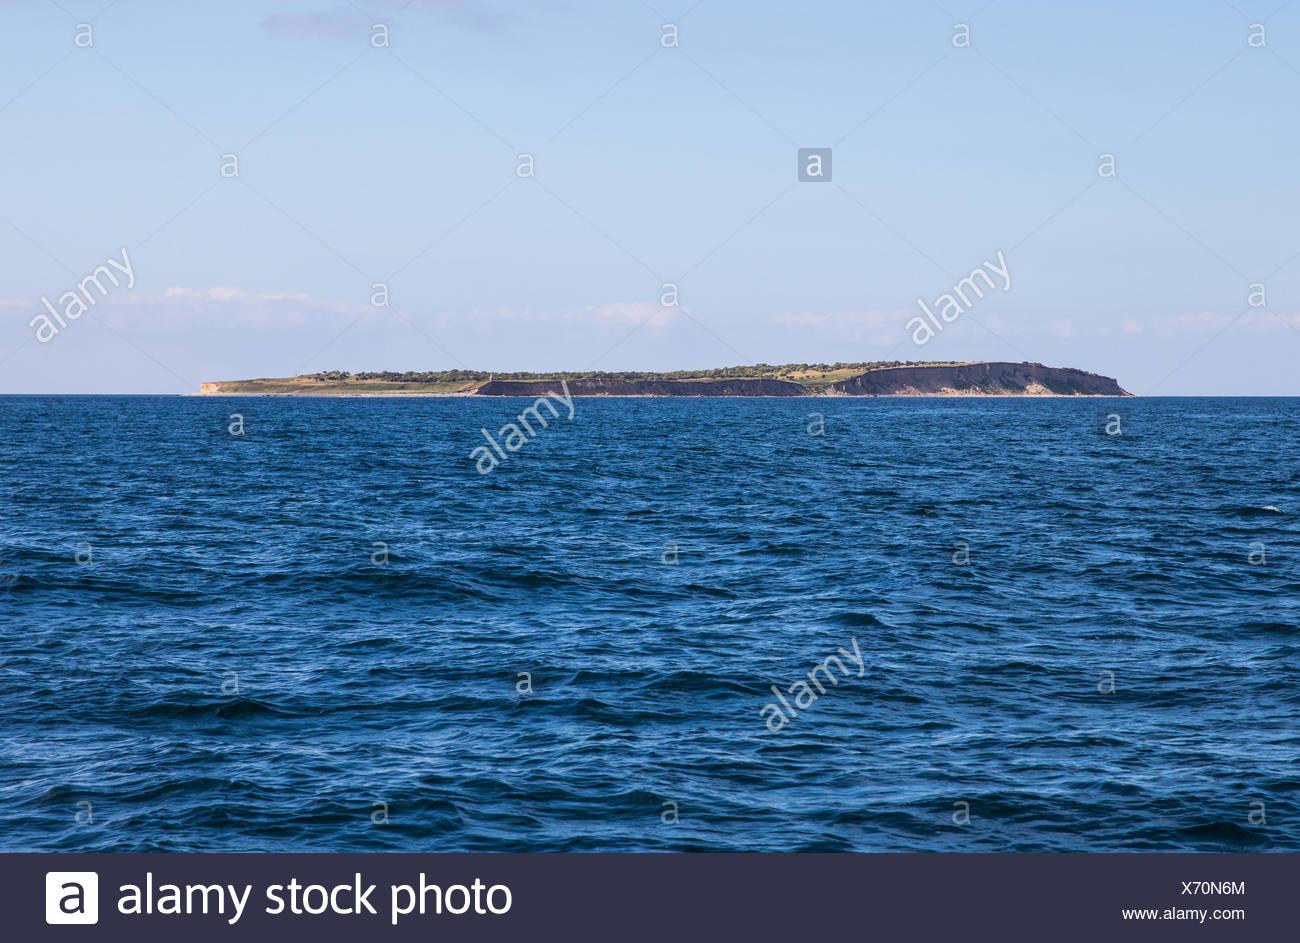 small island between grenå and samsø, kattegat, denmark / kleine insel zwischen grenå und samsø, kattegat, dänemark - Stock Image